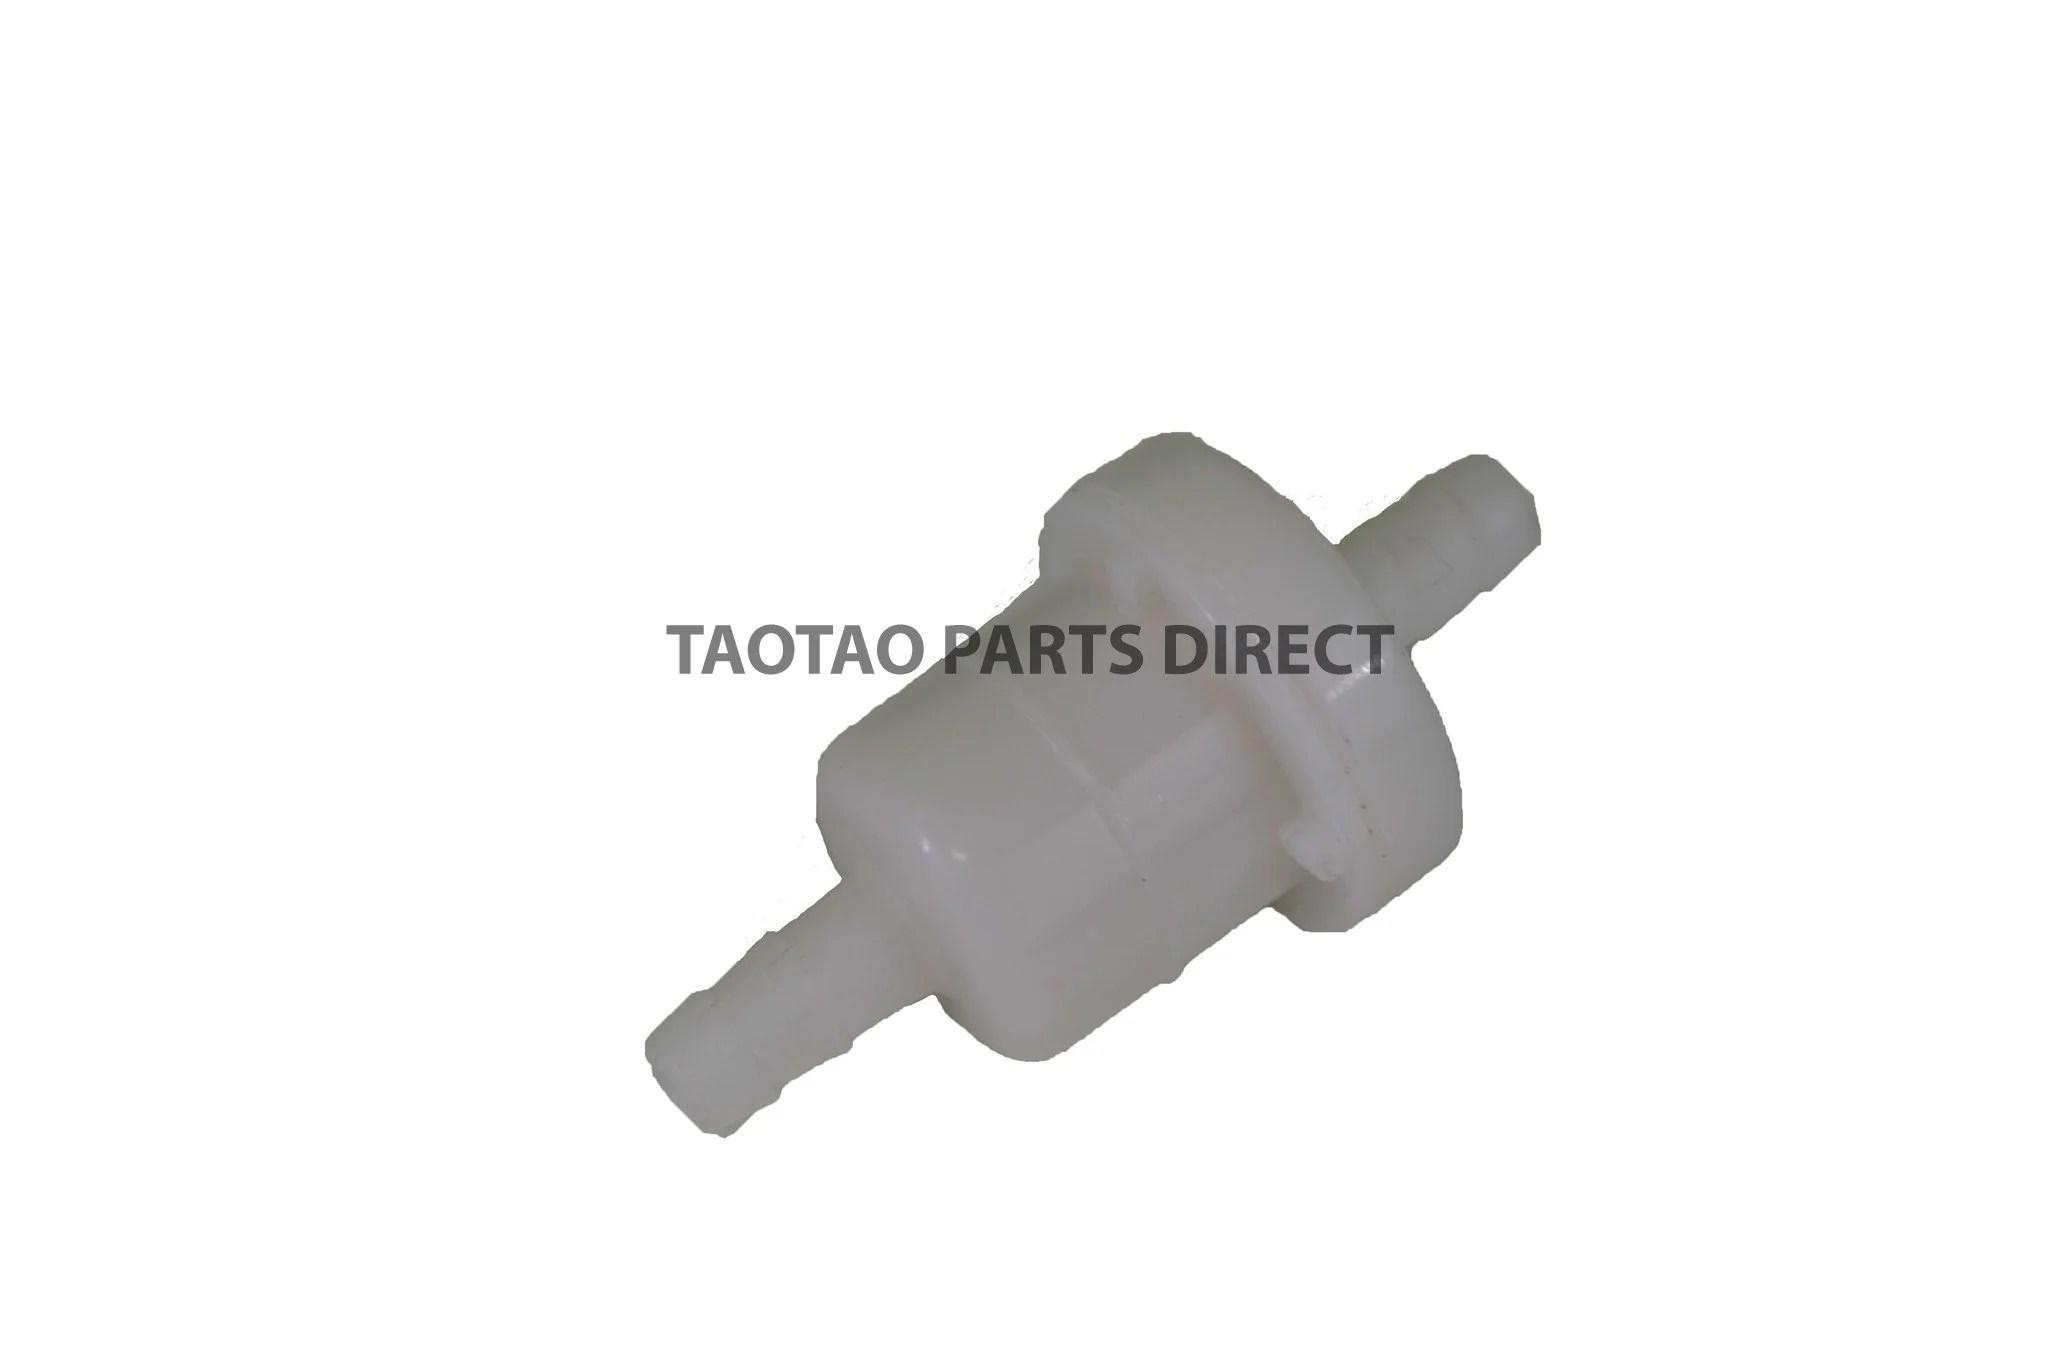 medium resolution of premium fuel filter for taotao powersports machines taotao parts direct